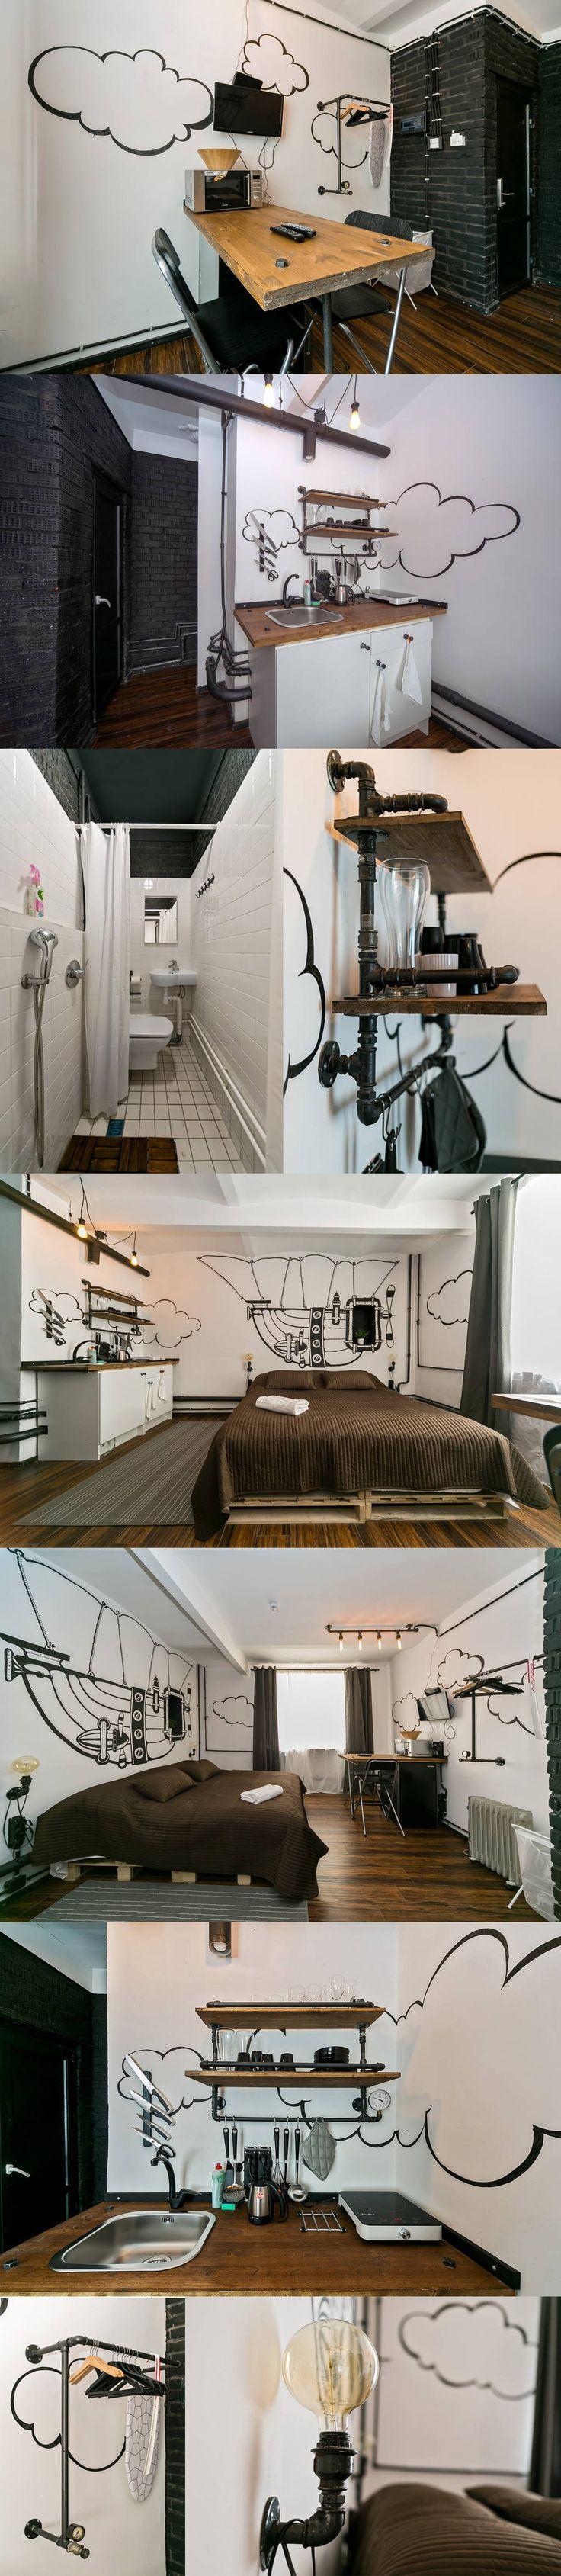 Очень симпатичная комната-студия, сдающаяся в аренду. Рикунки на стенах и водопроводные трубы делают ее незабываемой!